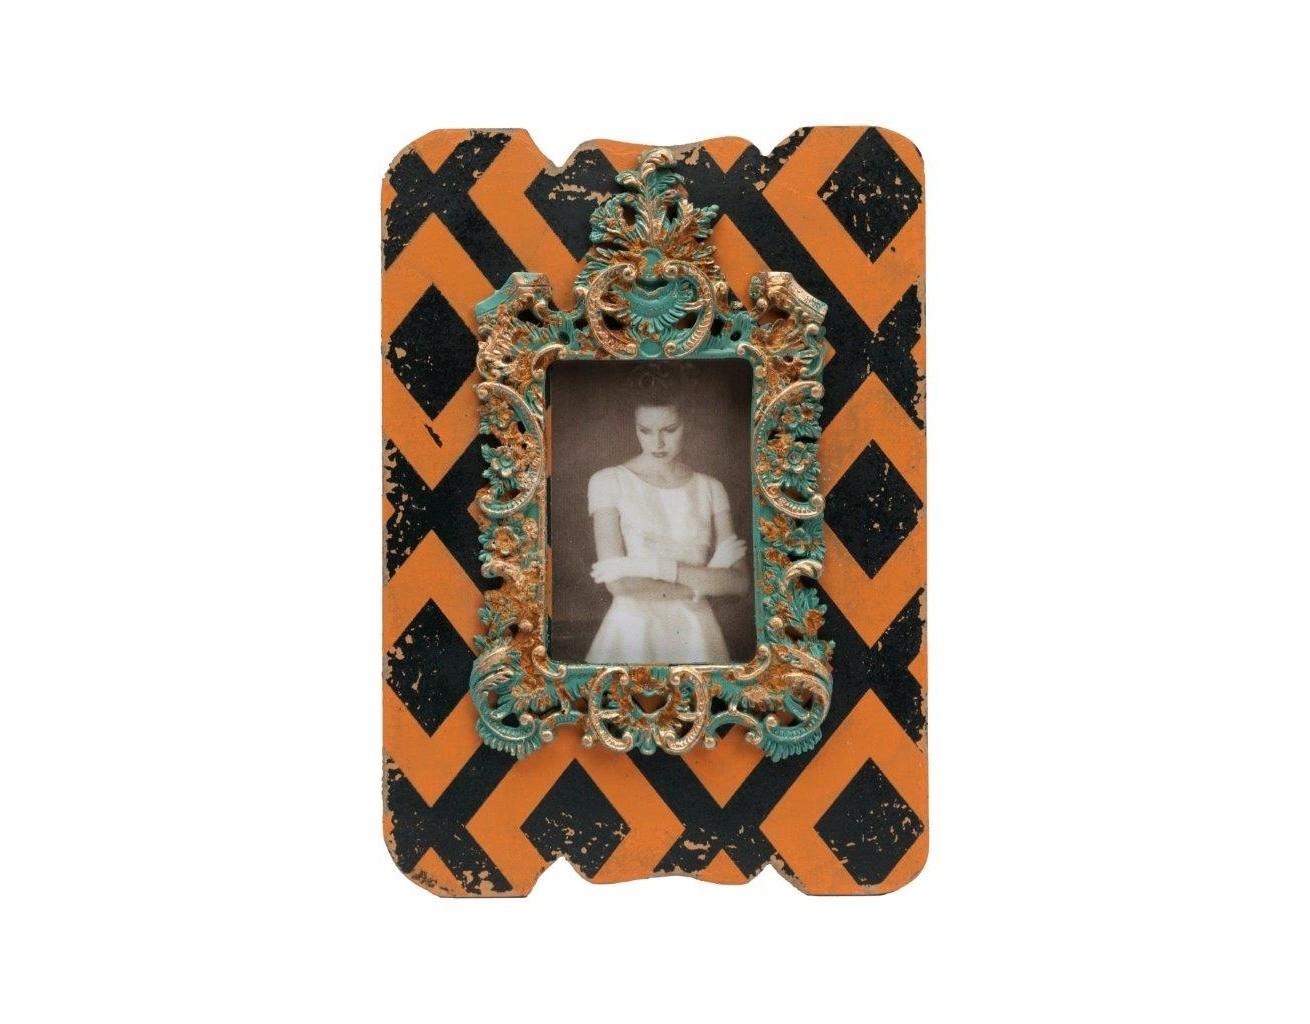 Рамка для фото PrudenceРамки для фотографий<br>Деревянная (ель) фоторамка разрисована  оранжевыми и чёрными красками, место для фотографии окантовано роскошным объемным рисунком под старину. В этой рамке органично будут смотреться как цветные, так и чёрно-белые фотографии. Приобретите разноцветные рамки для фотографий из коллекции Prudence и они станут достойным украшением вашего дома..<br><br>Material: Дерево<br>Width см: 20<br>Depth см: 2<br>Height см: 28